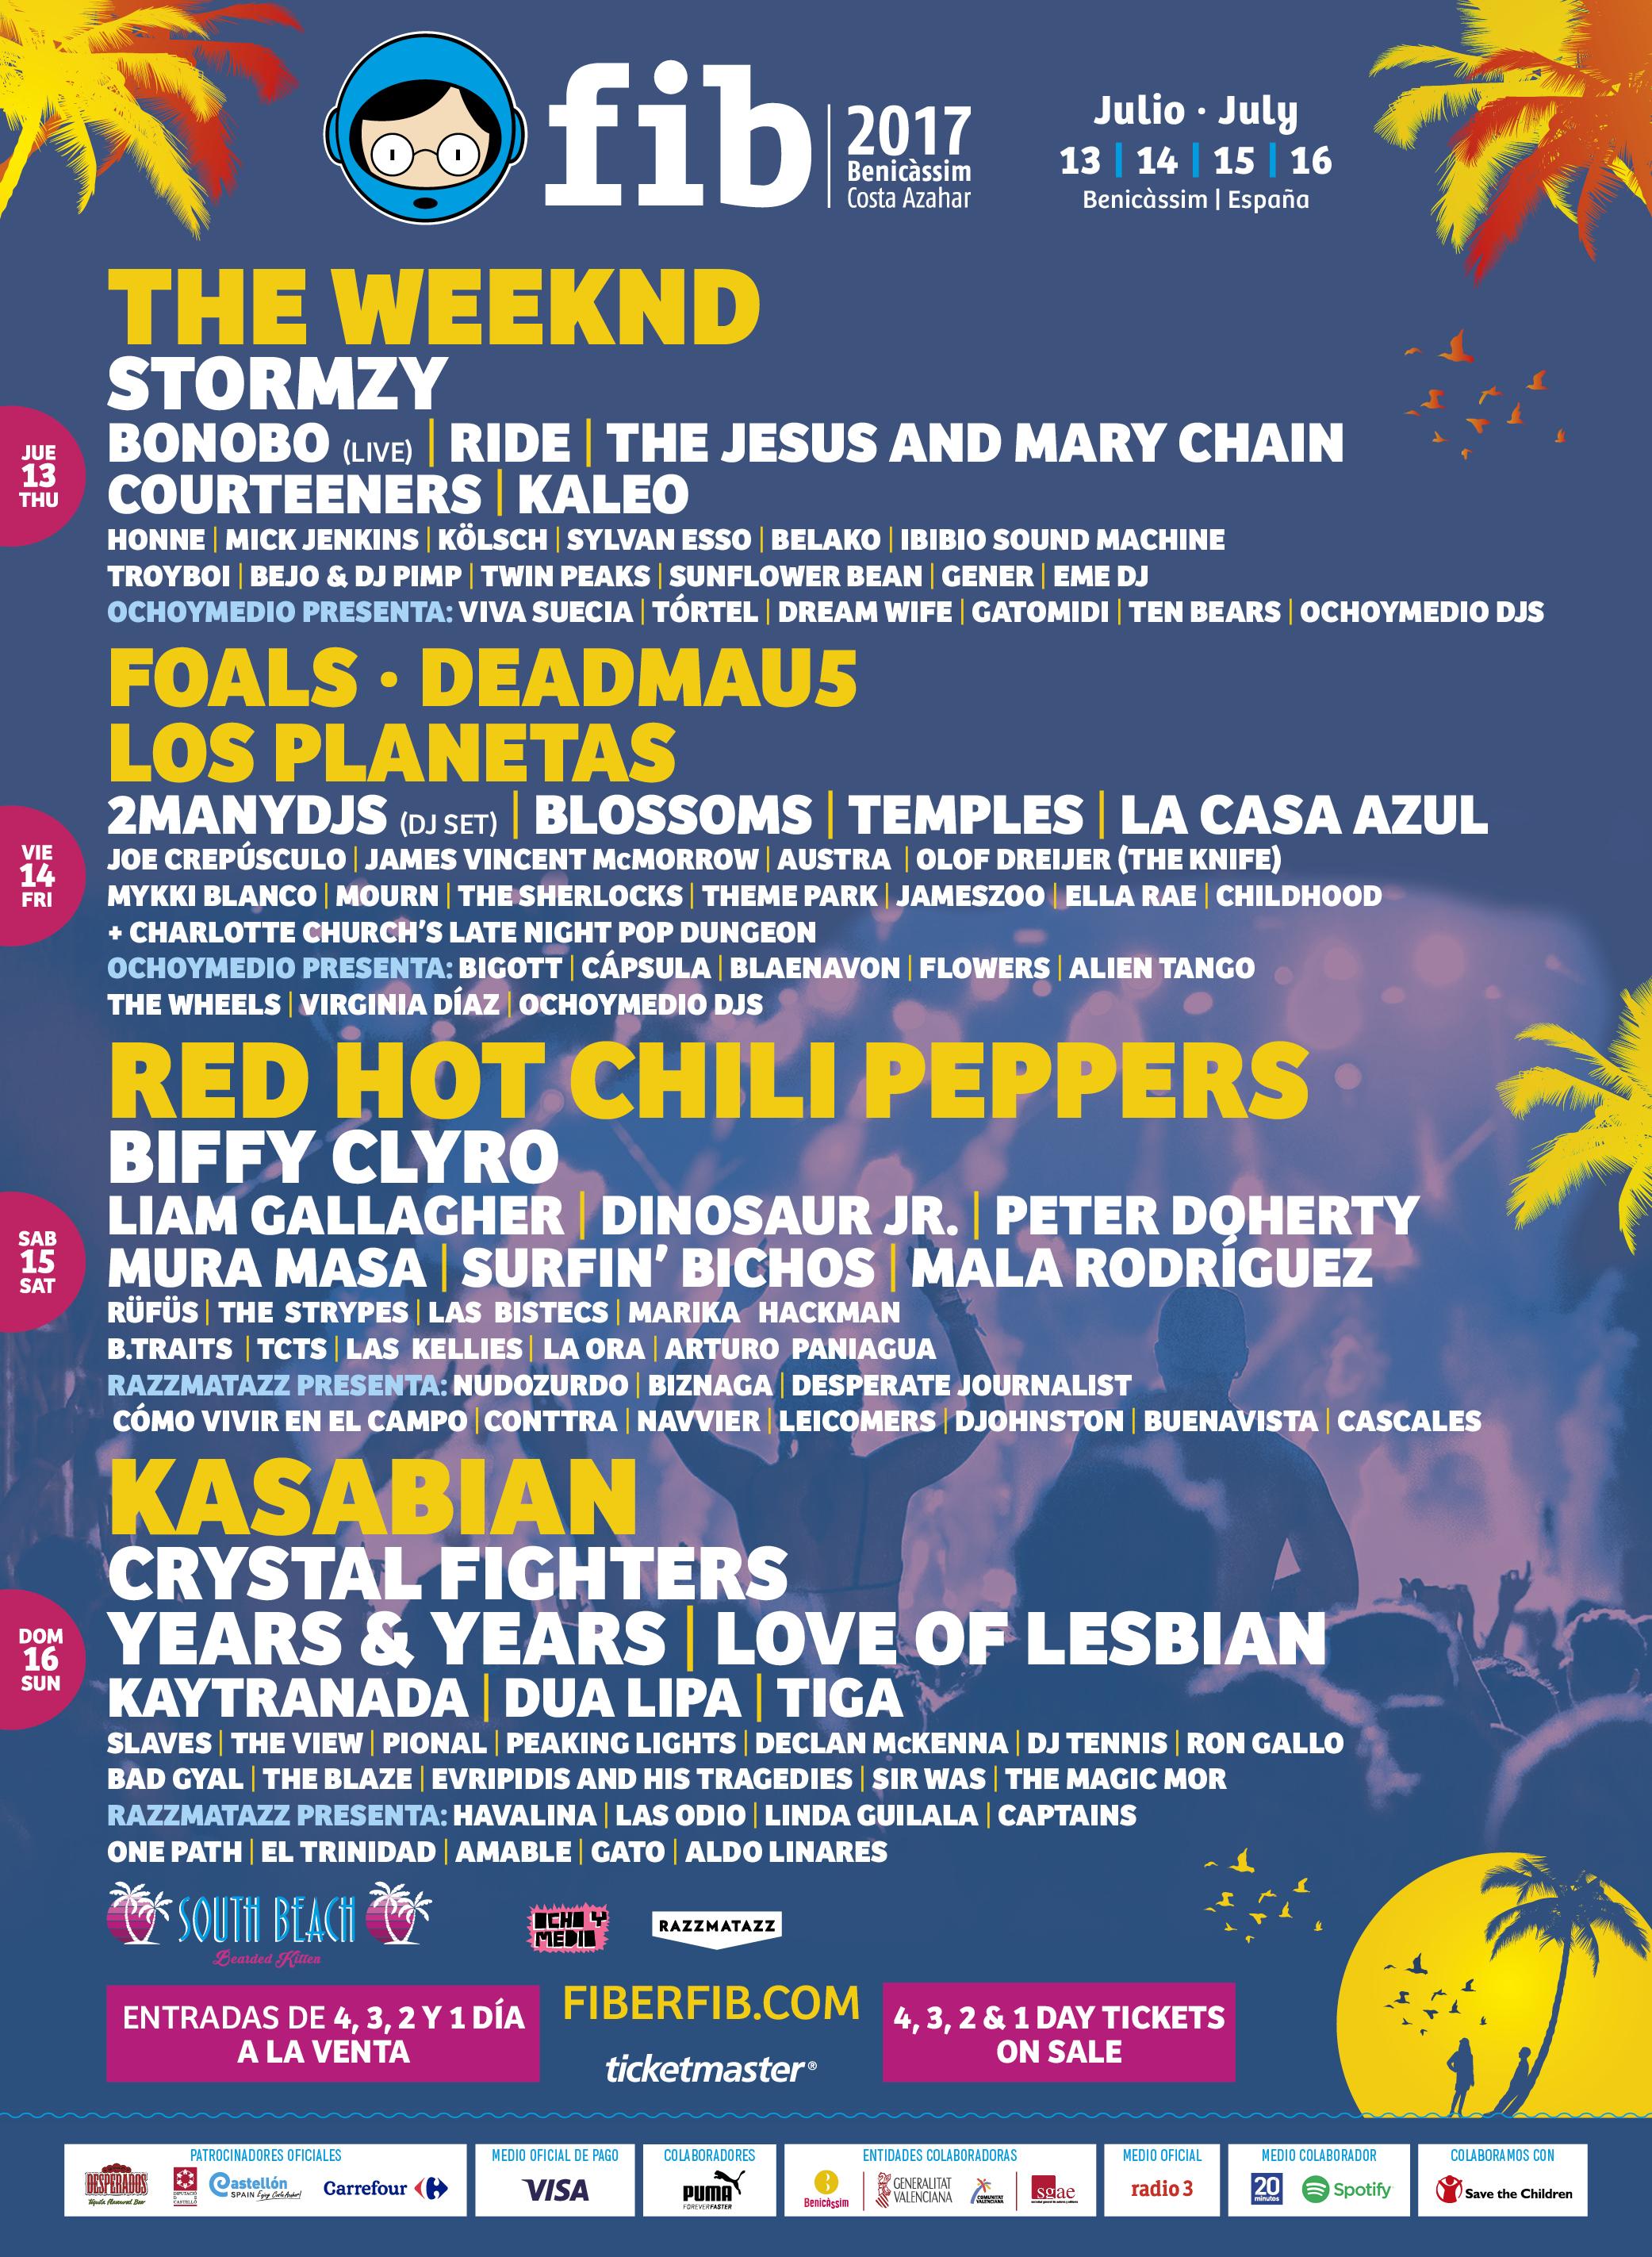 festivales de verano en valencia